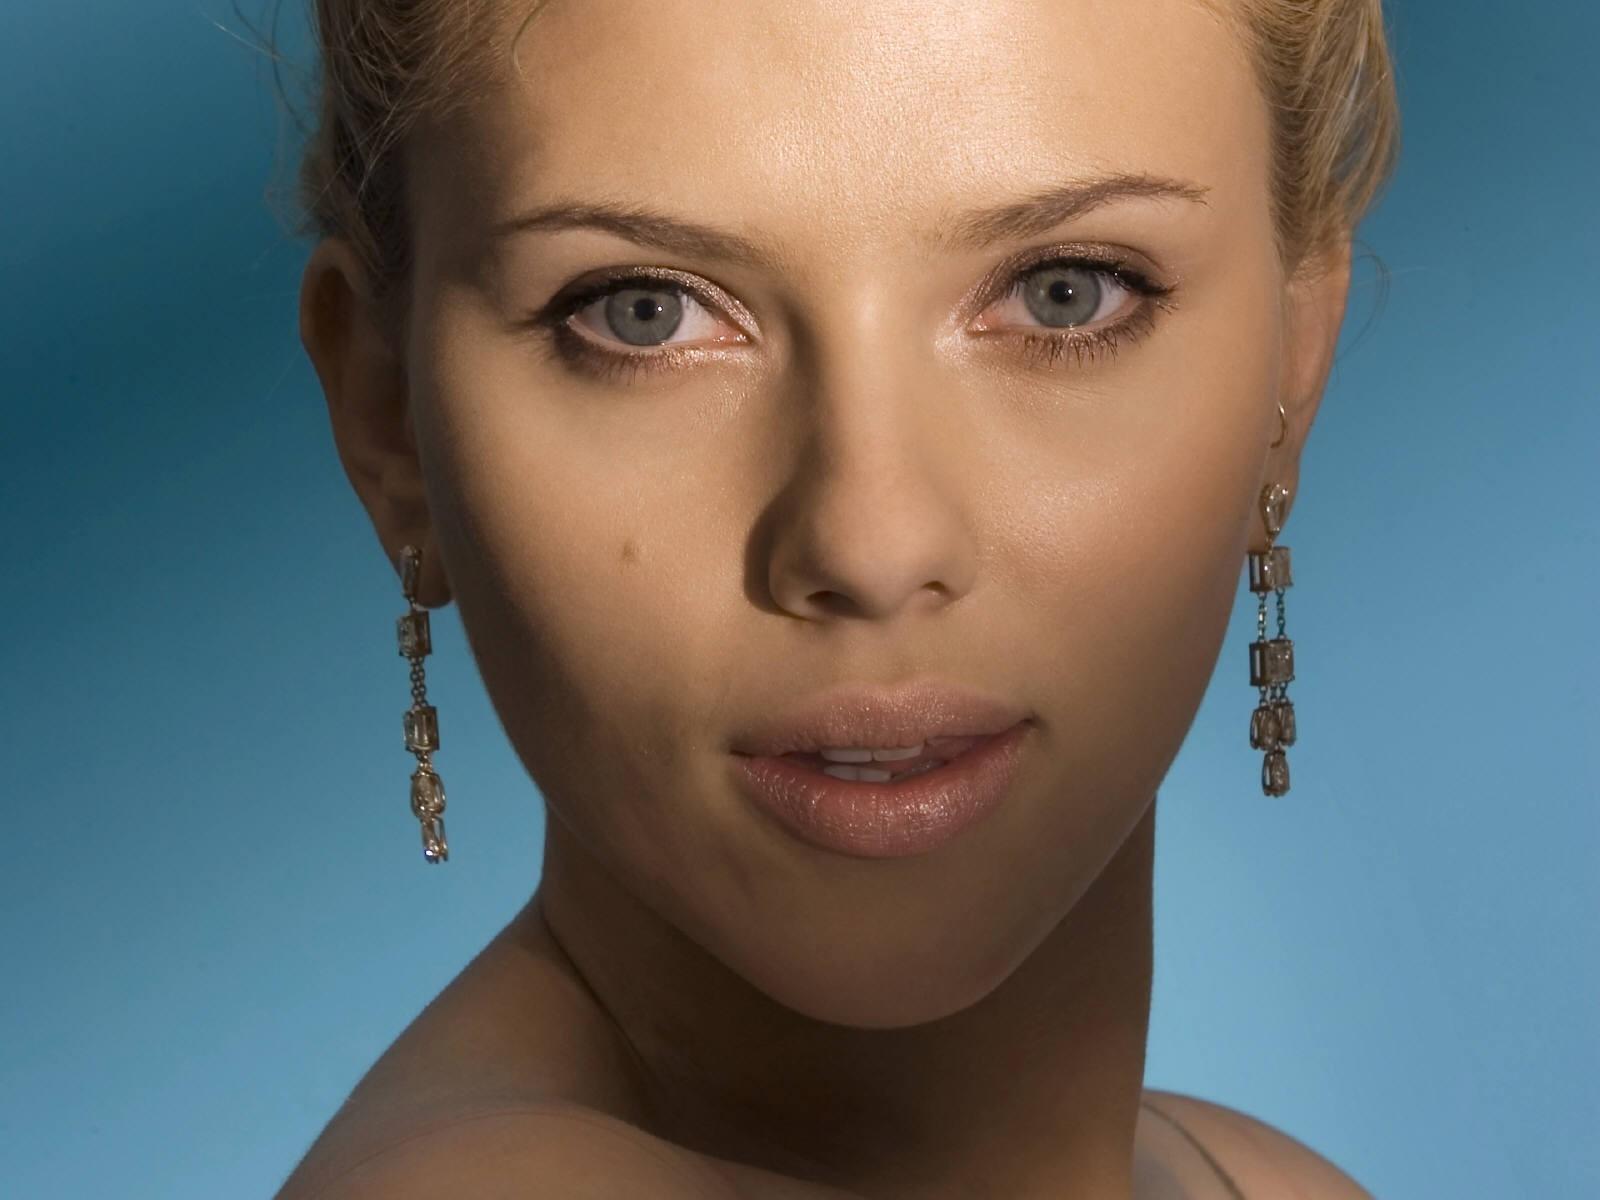 Wallpaper: Scarlett Johansson